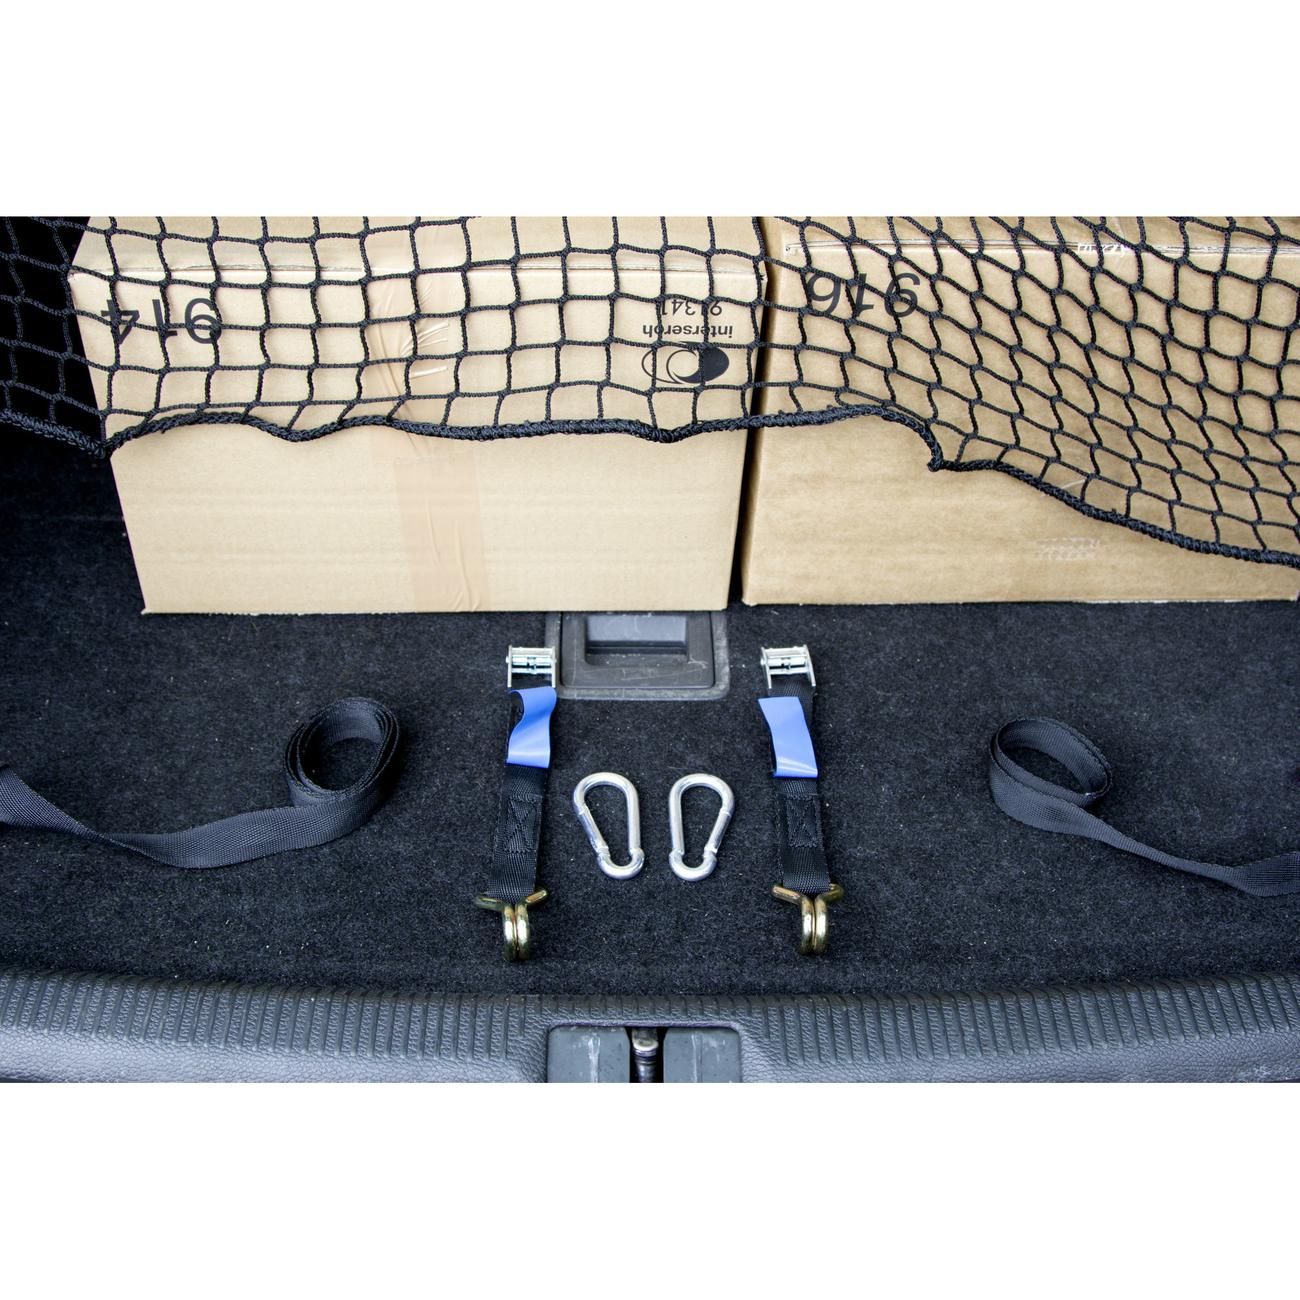 Kerbl Netz zur Ladungssicherung für Pkw und Kombi, Bild 6